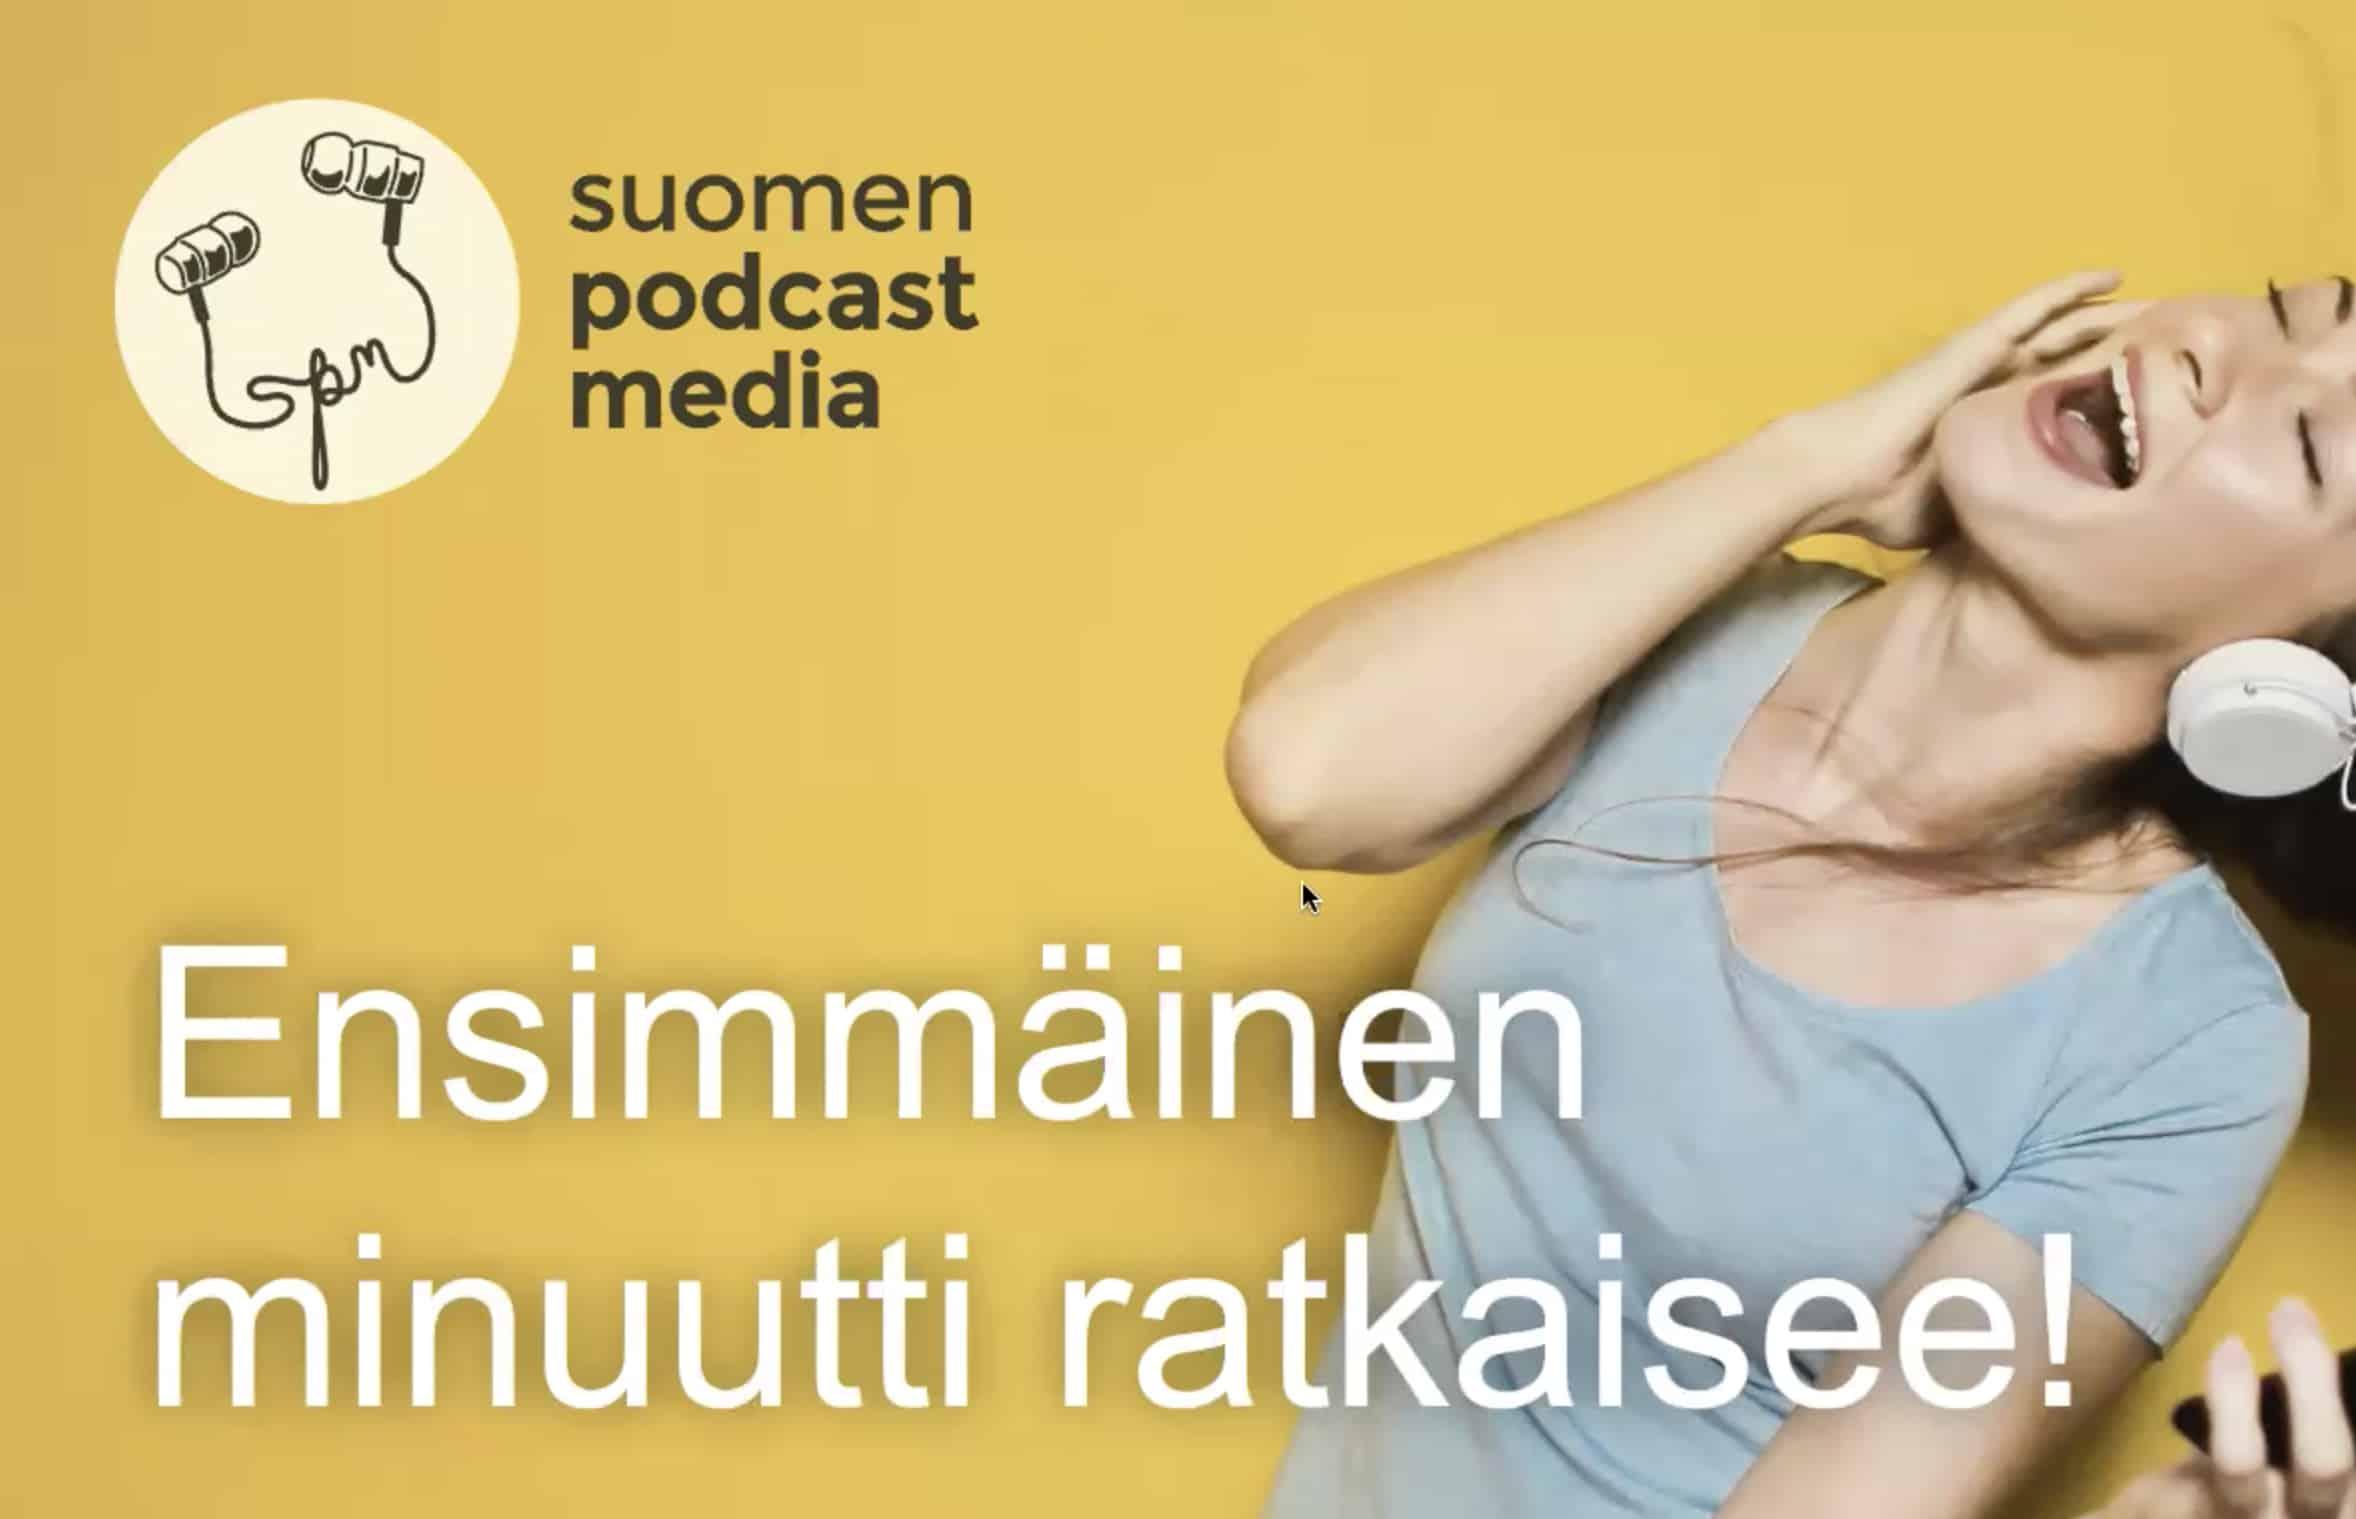 Kuvassa nainen, joka kuuntelee kuulokkeilla, Suomen podcast median logo ja koulutuksen otsikko: Ensimmäinen minuutti ratkaisee.